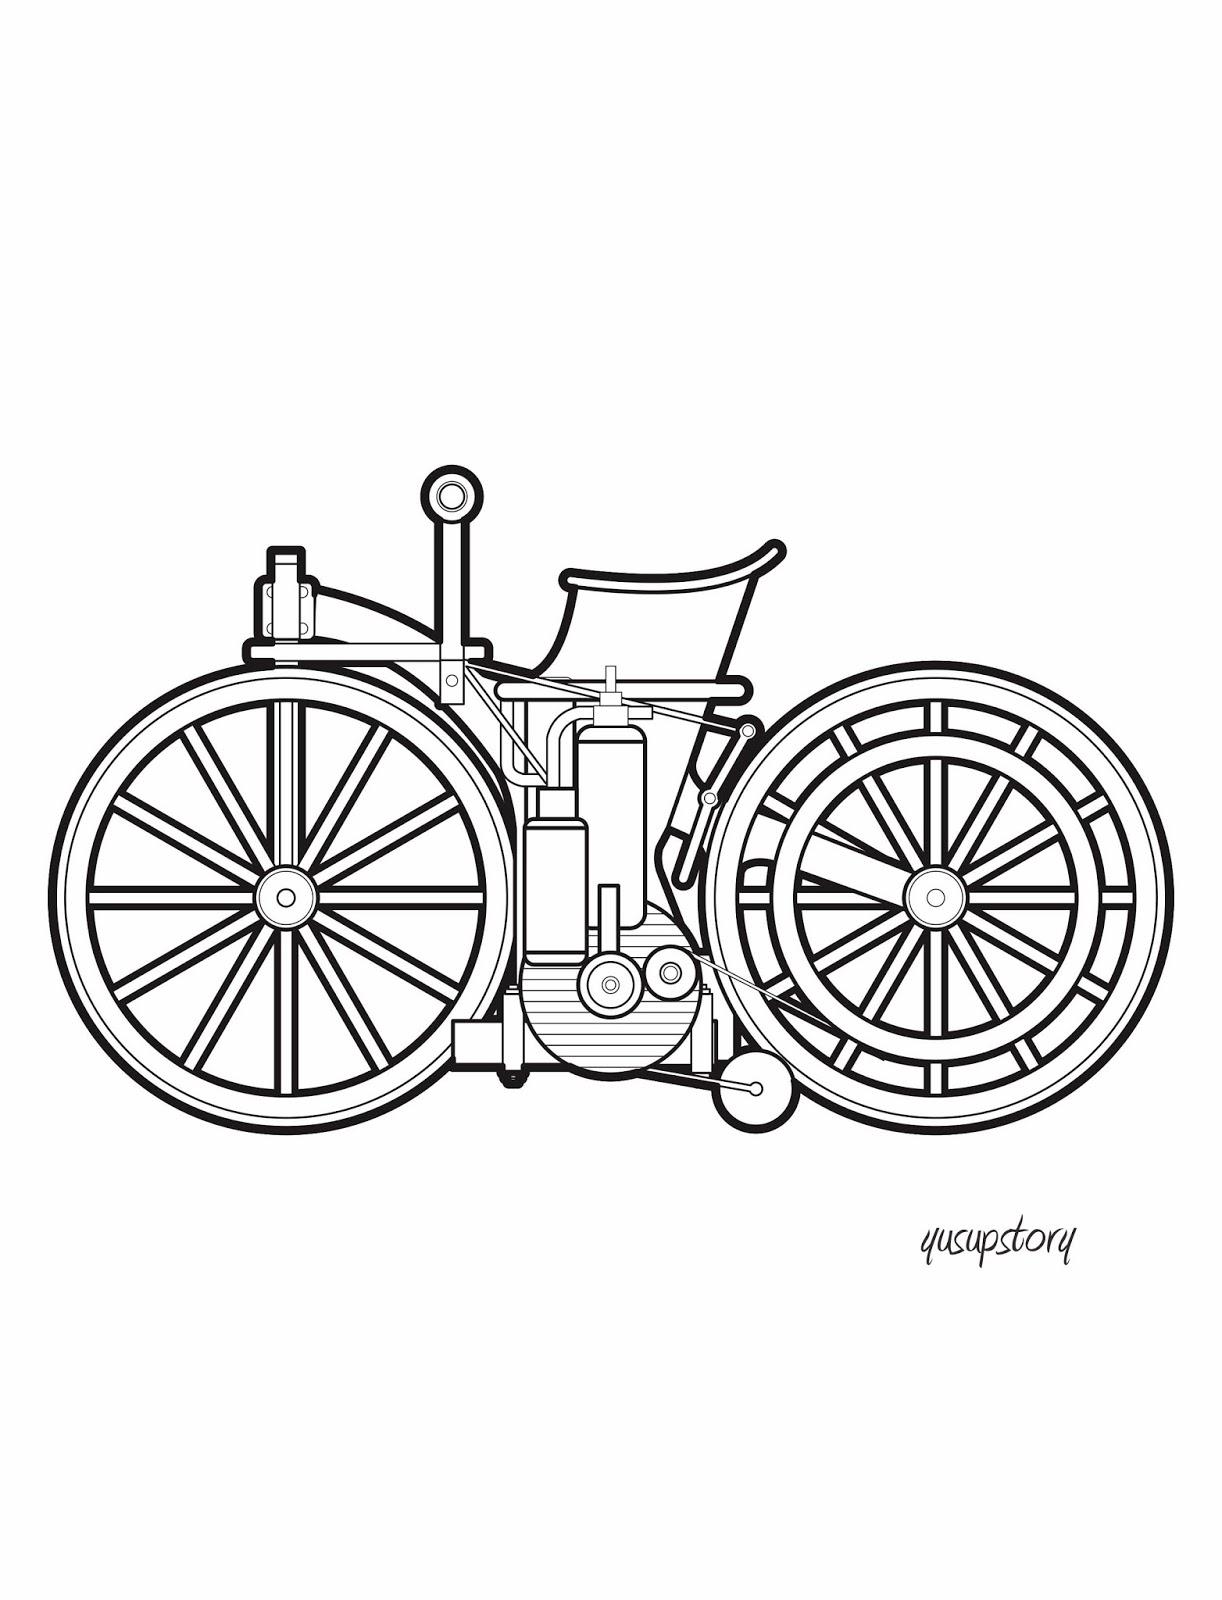 Mewarnai Coloring Daimler Reitwagen Sepeda Motor Pertama di Dunia